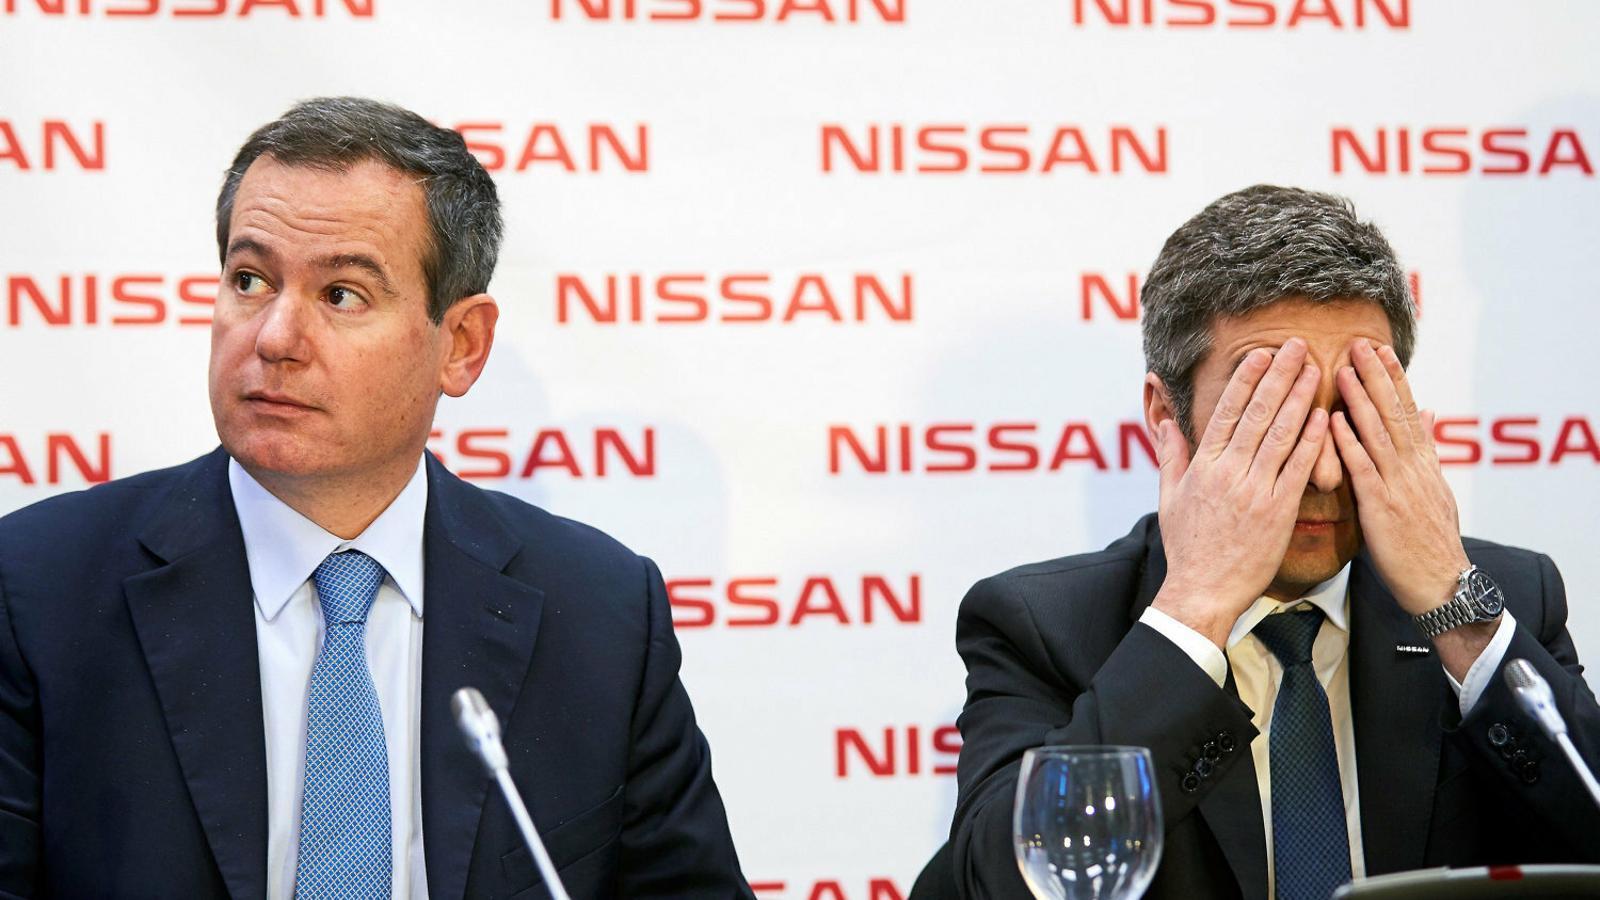 Acord a Nissan per la sortida de 600 empleats de les plantes de Zona Franca i Montcada